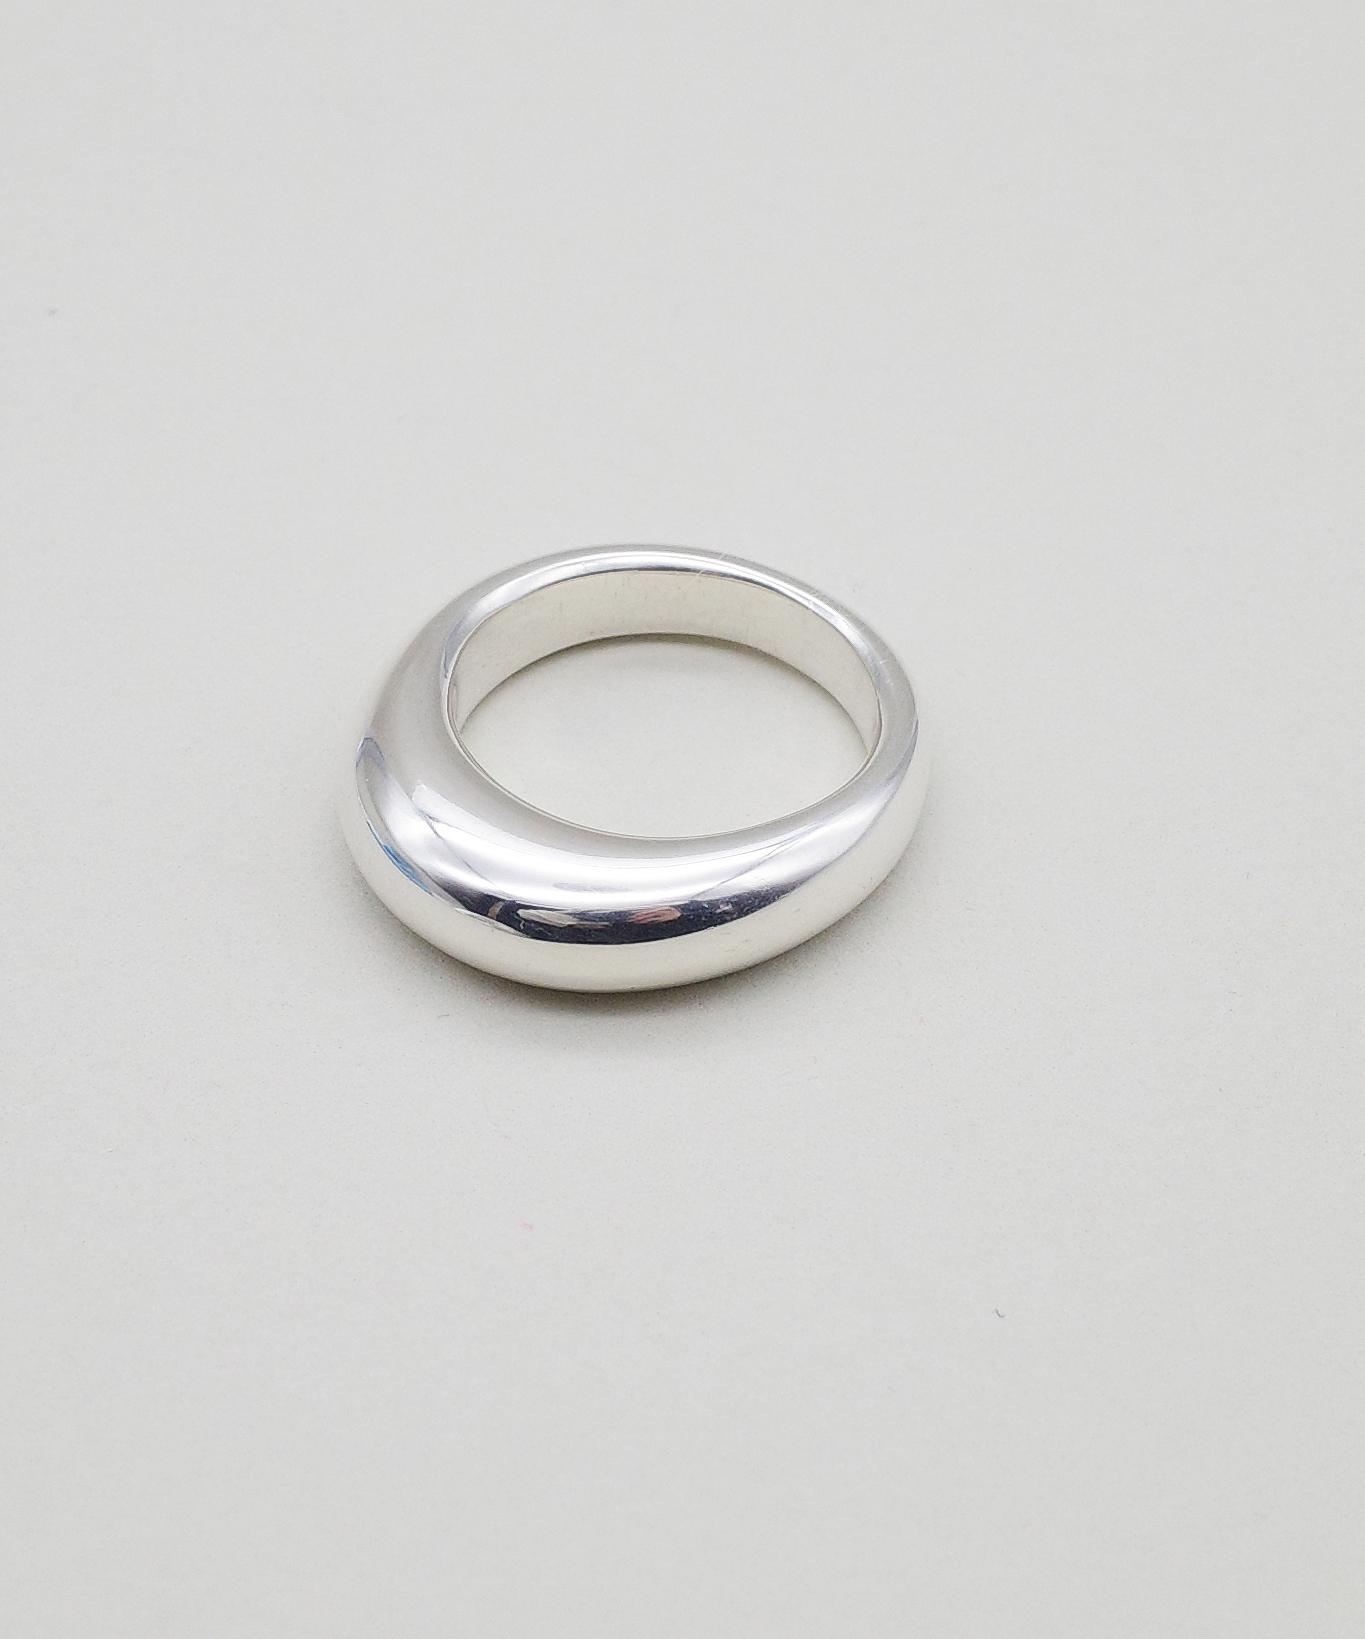 【ASAMI FUJIKAWA / アサミフジカワ】Thin Ring / リング / Silver925 /1702009